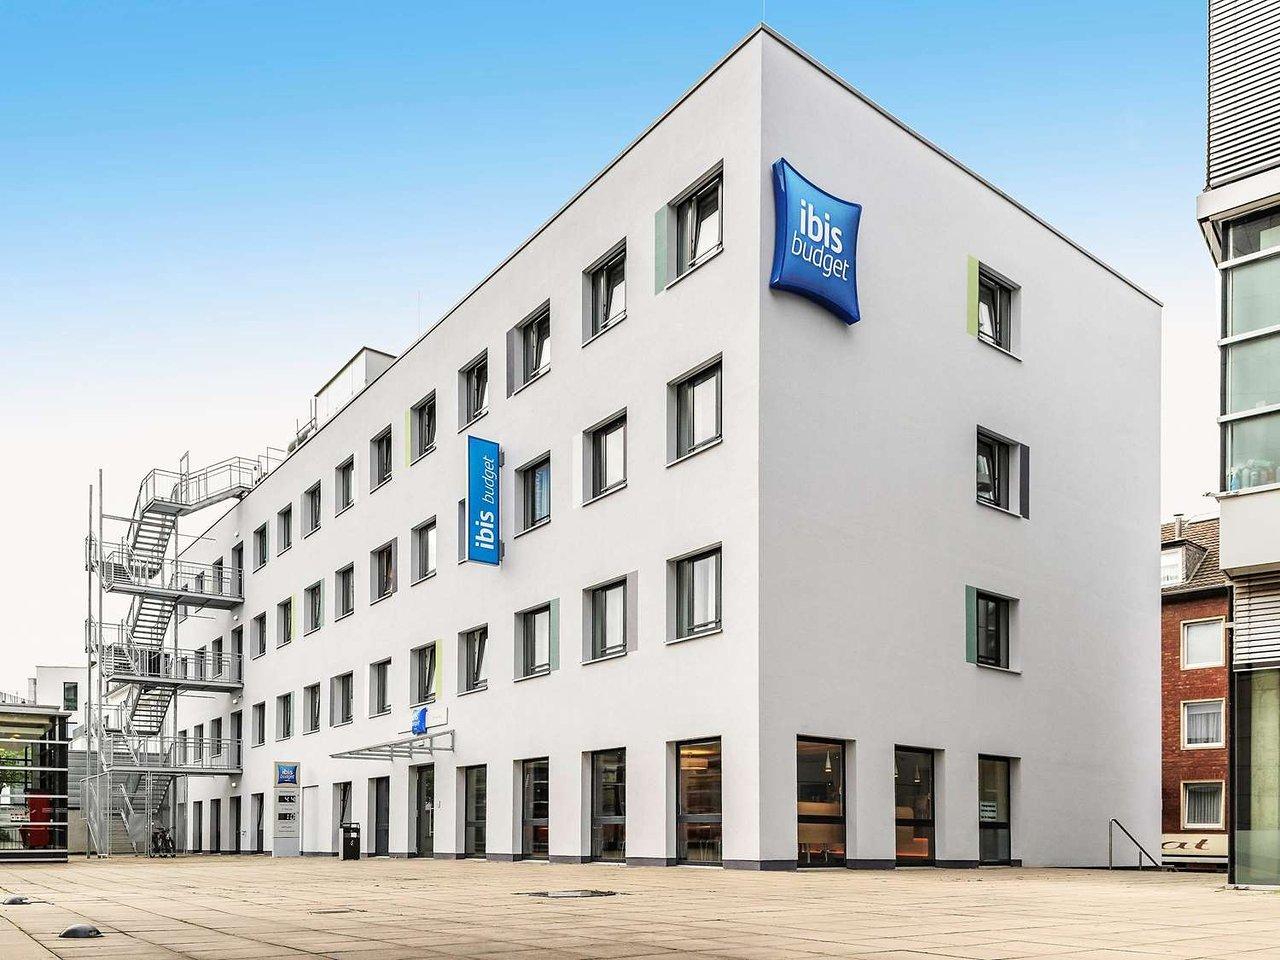 Die 10 Besten Gunstige Hotels Aachen 2019 Mit Preisen